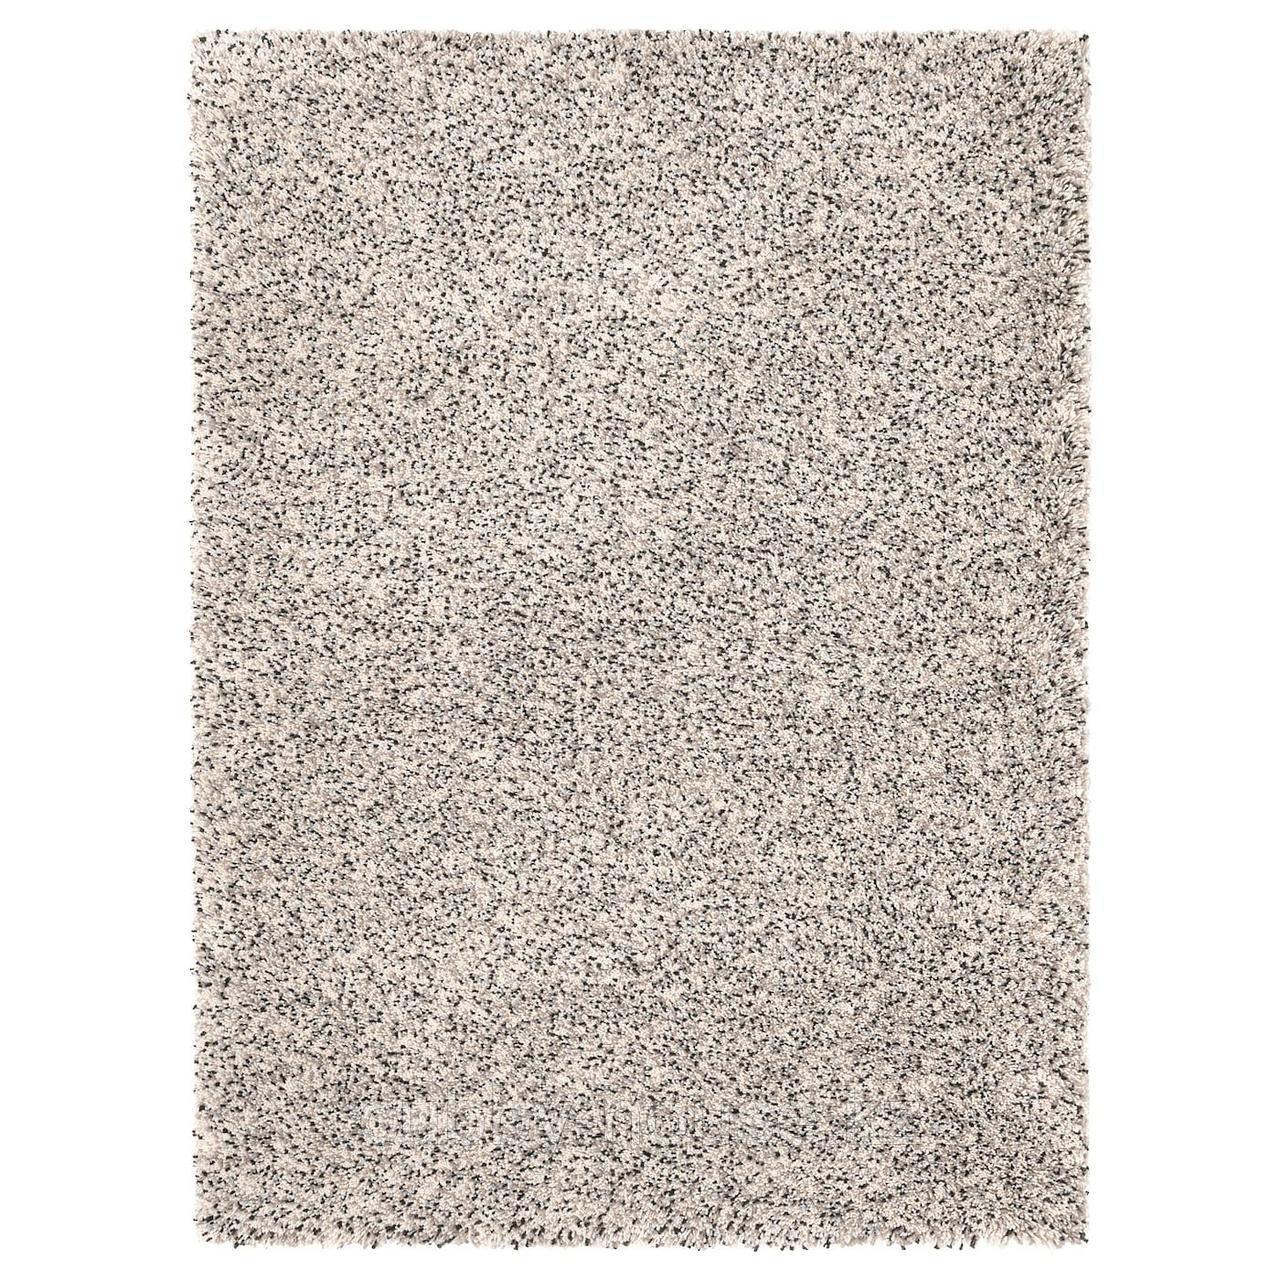 ВИНДУМ Ковер, длинный ворс, белый, 200x270 см